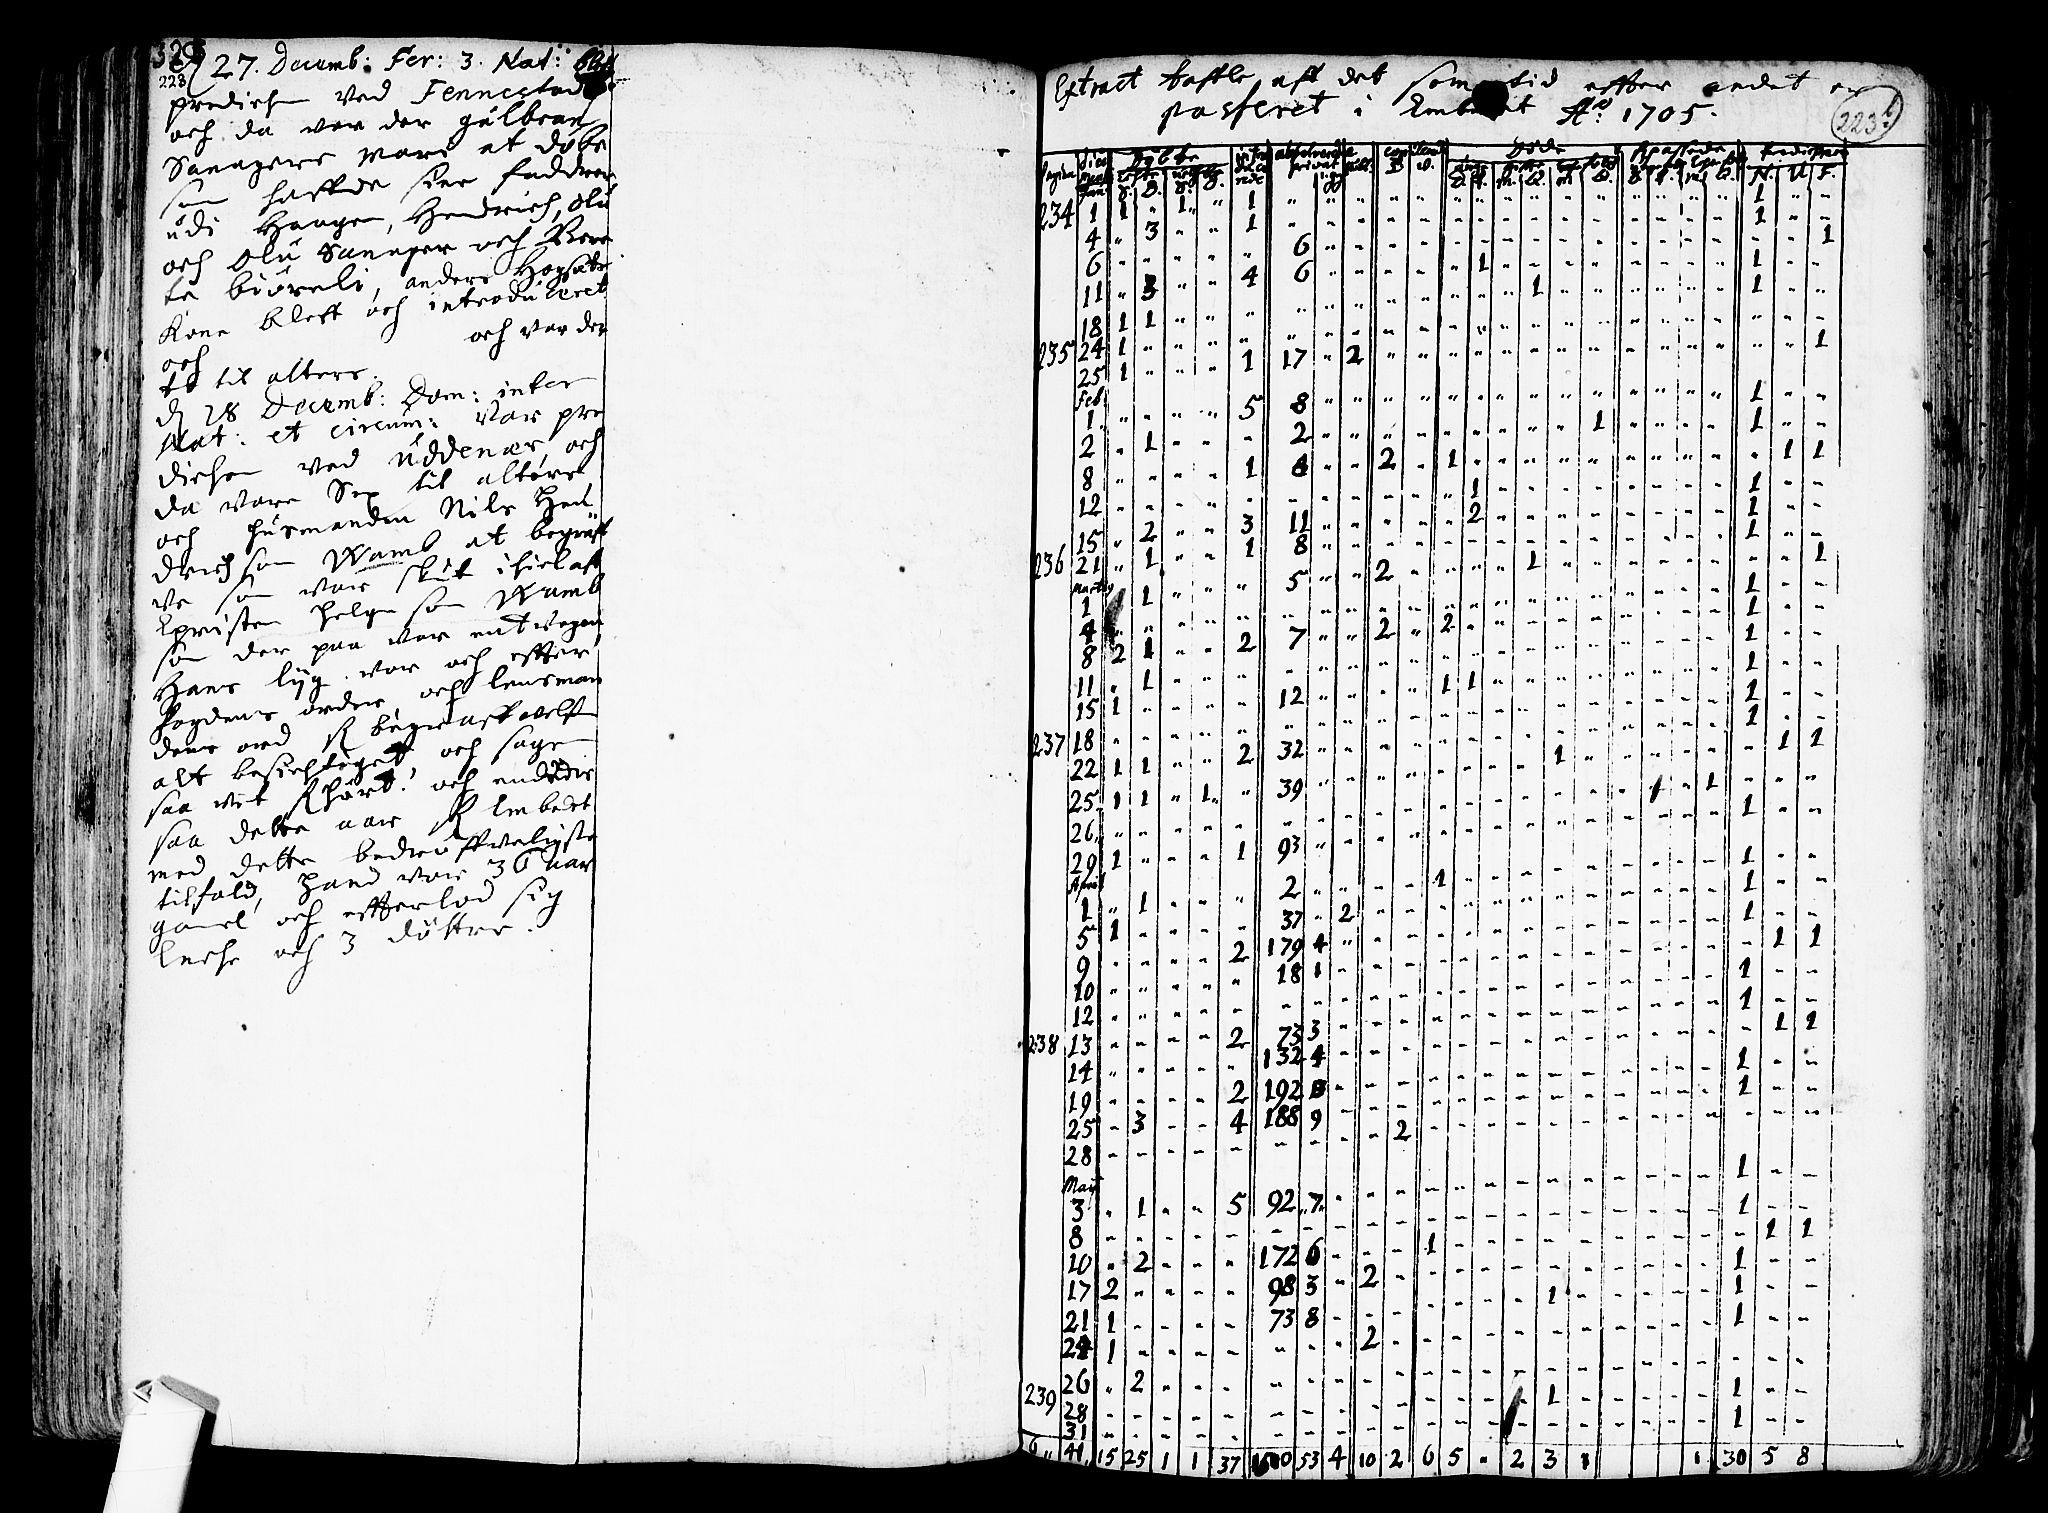 SAO, Nes prestekontor Kirkebøker, F/Fa/L0001: Ministerialbok nr. I 1, 1689-1716, s. 223a-223b